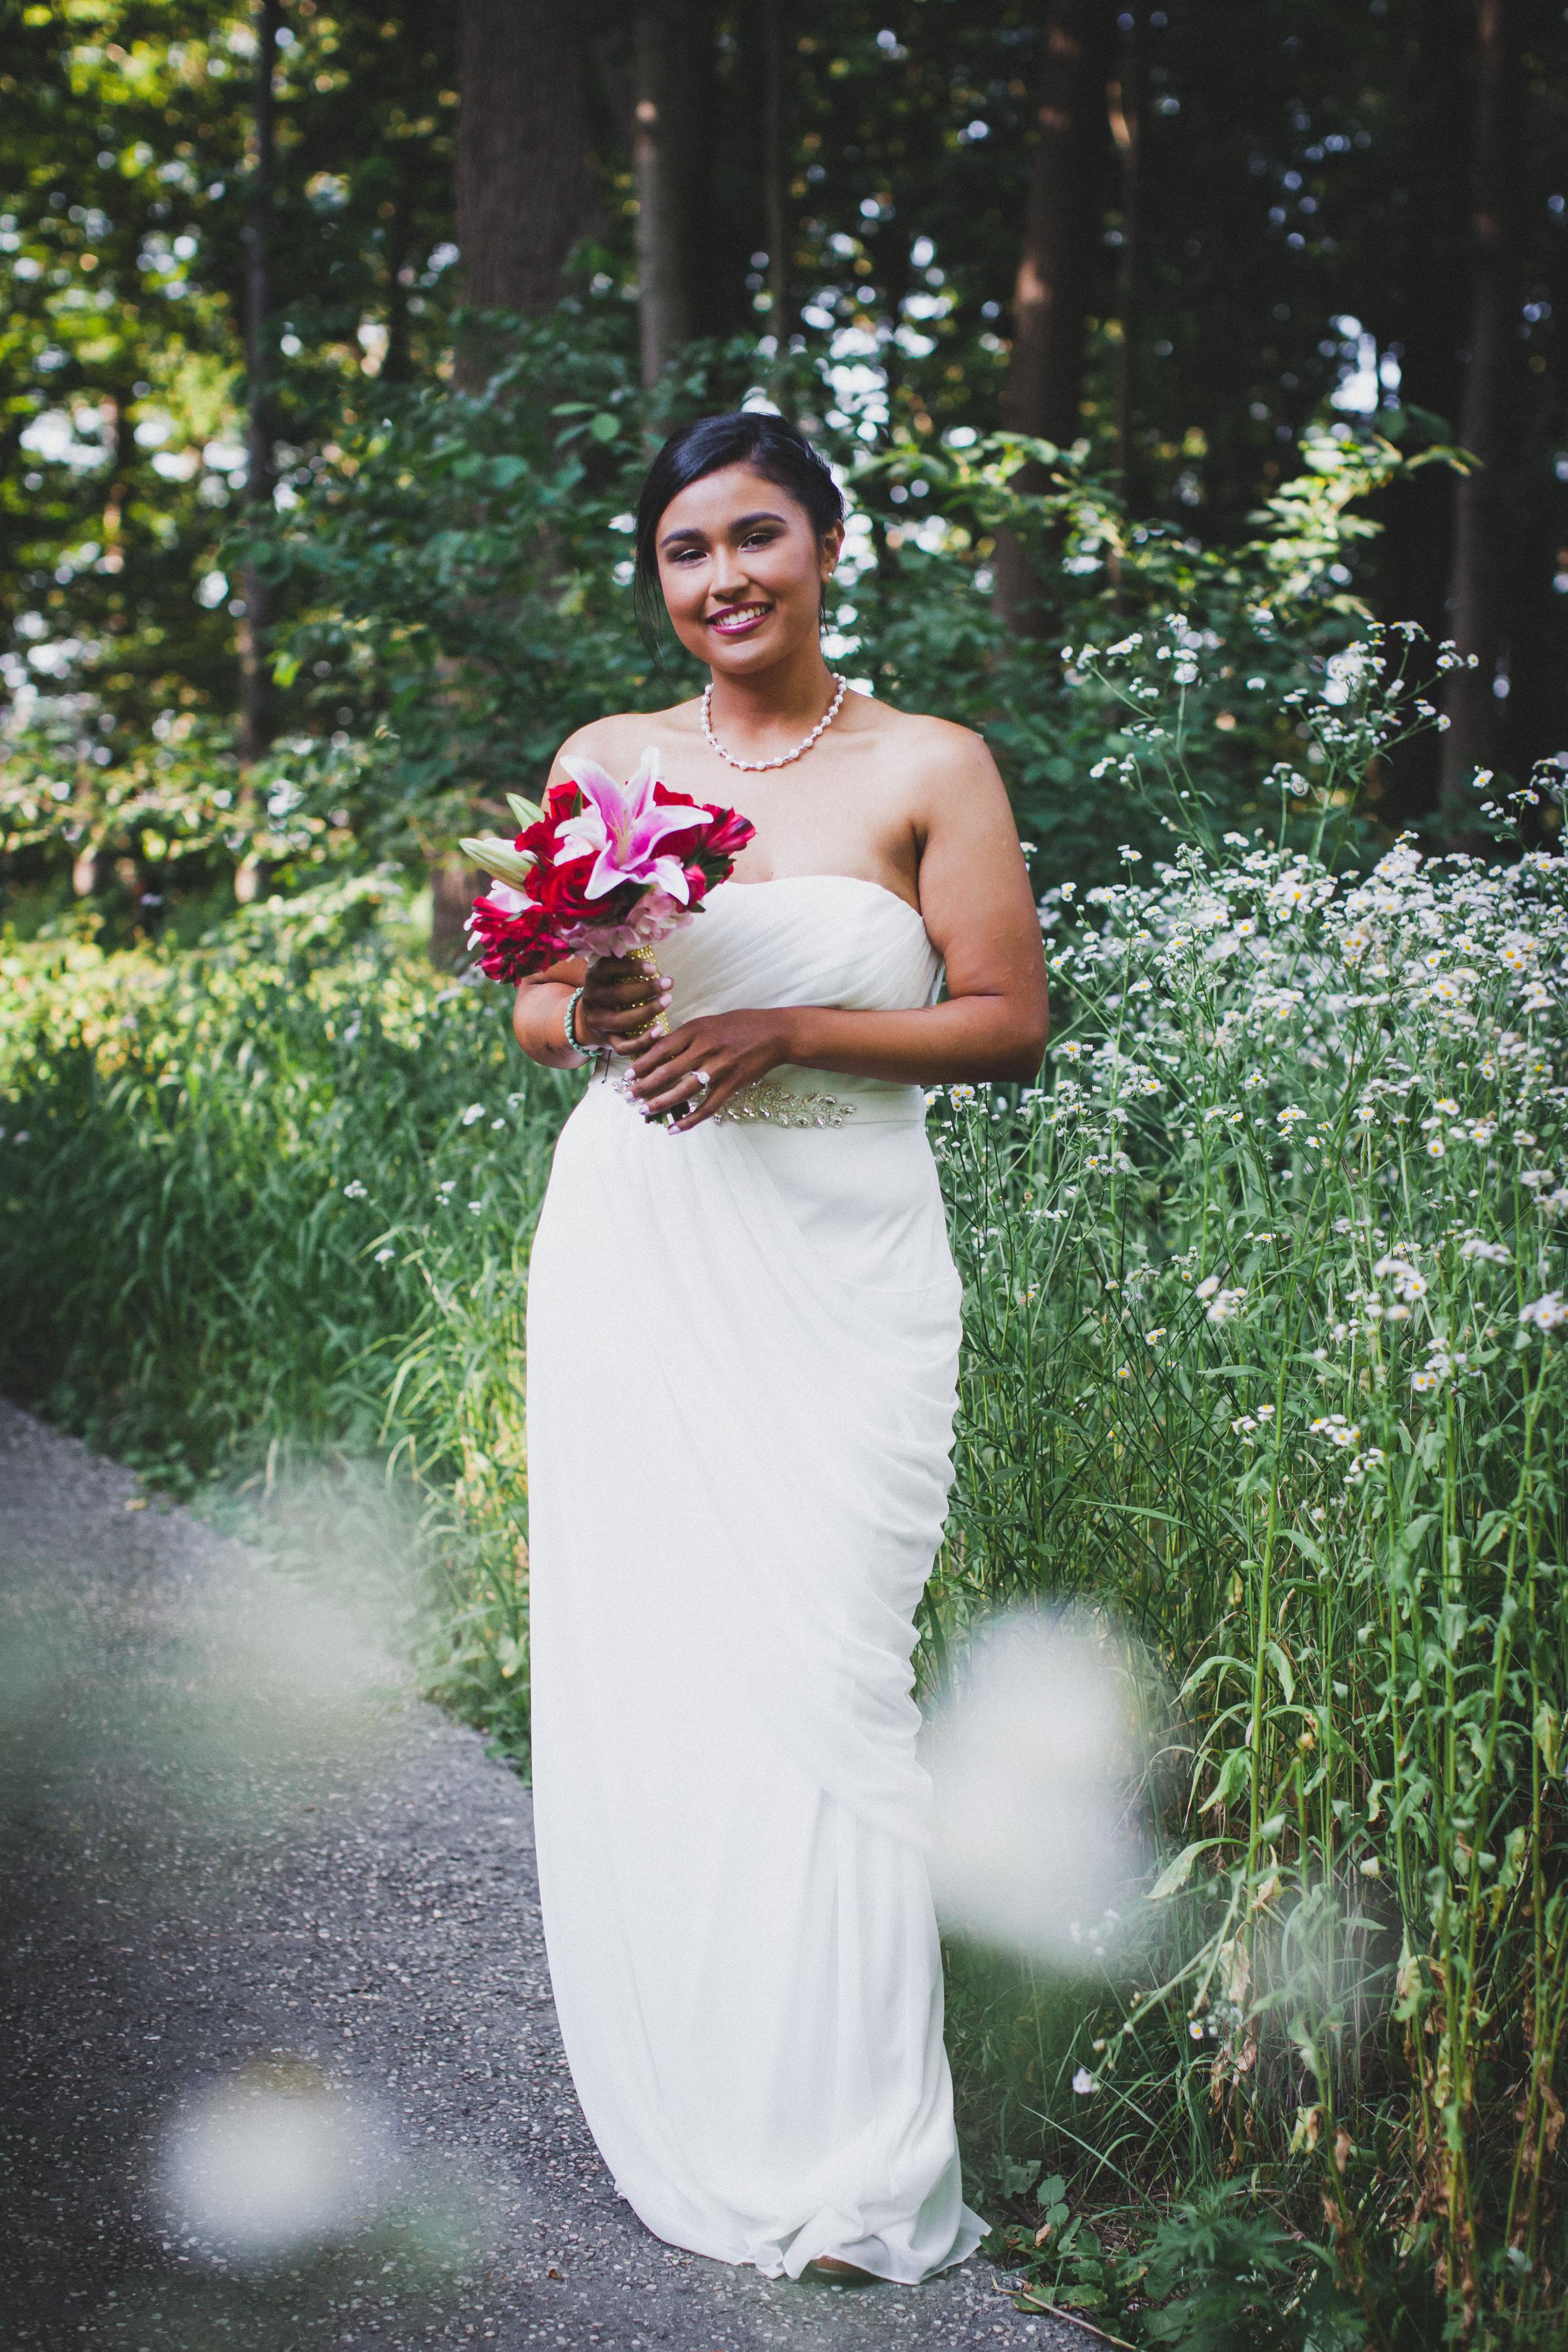 Long-Island-Documentary-Wedding-Photographer-Avalon-Park-Wedding-Photos-15.jpg